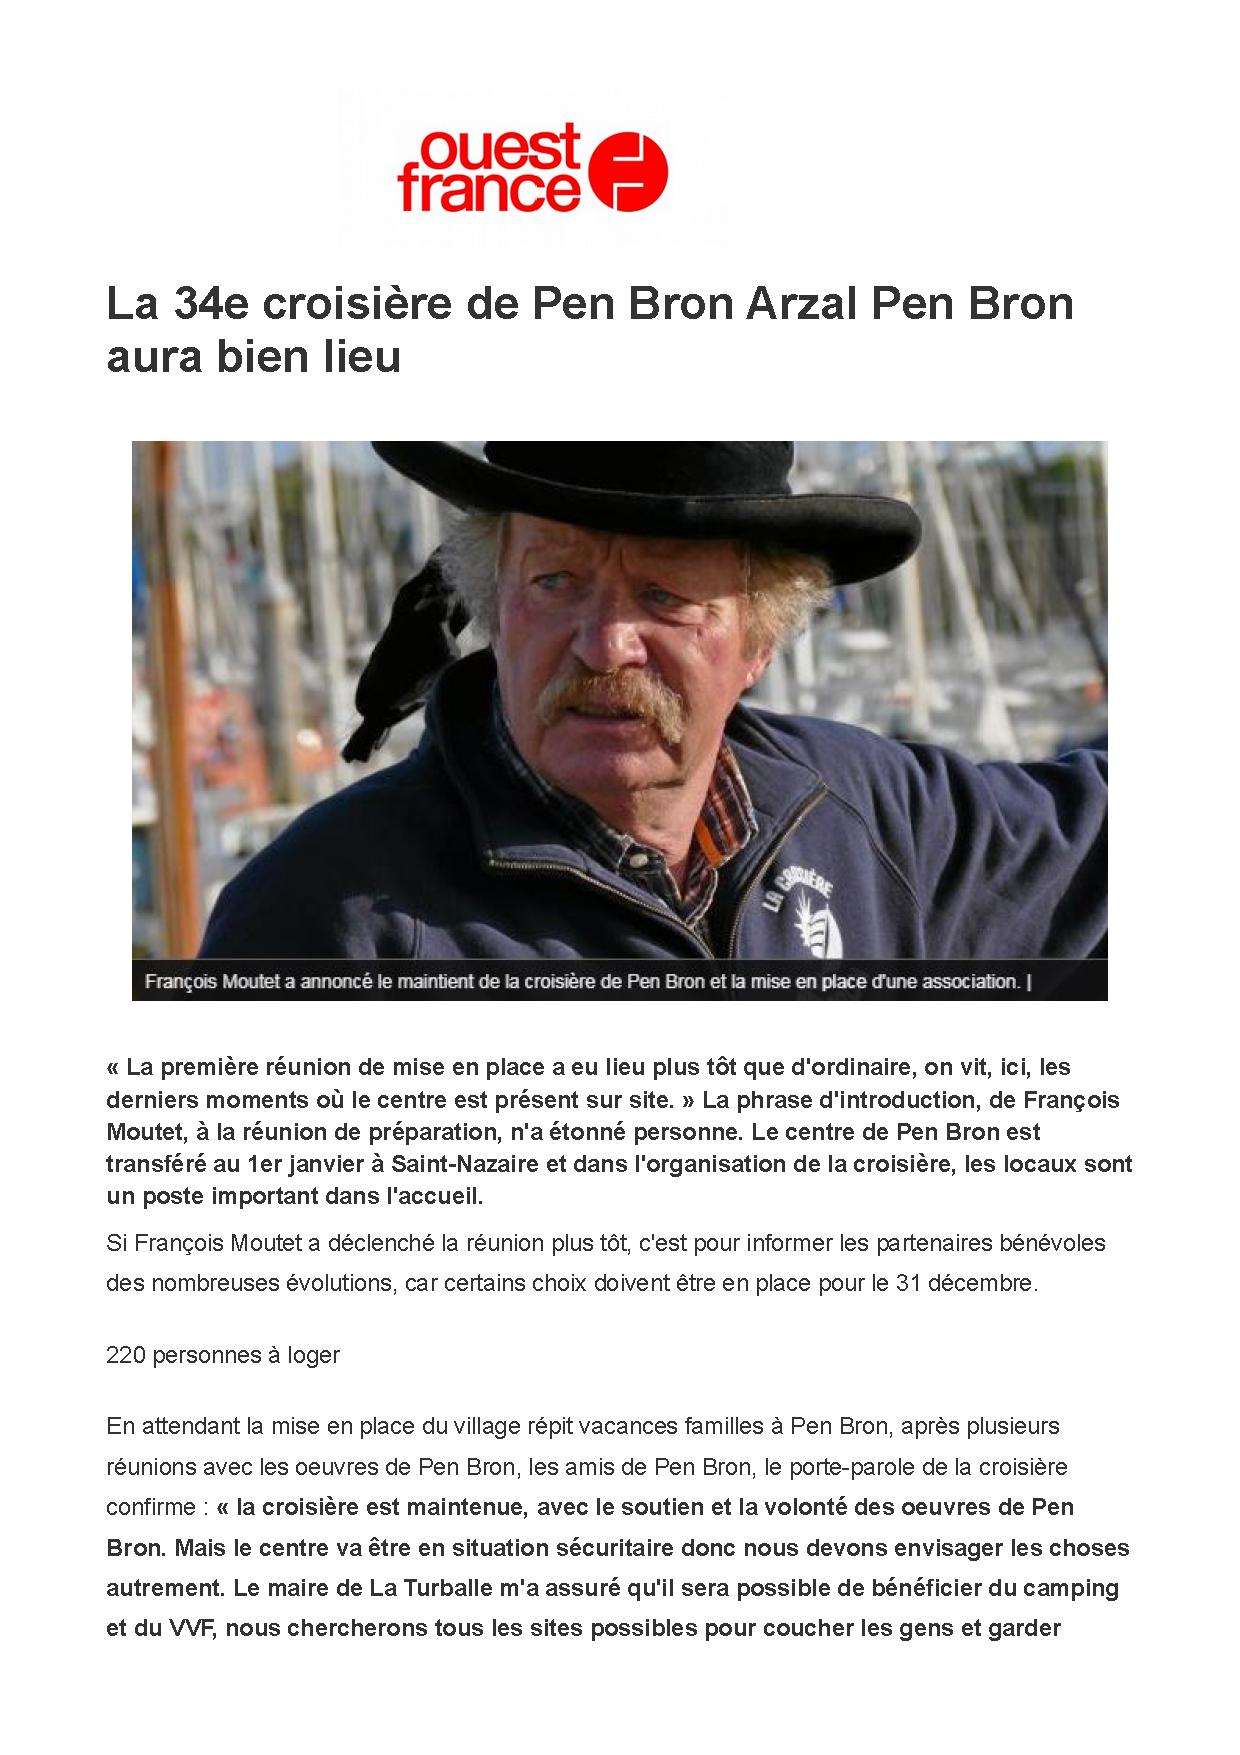 La 34e croisière de Pen Bron Arzal Pen Bron aura bien lieu